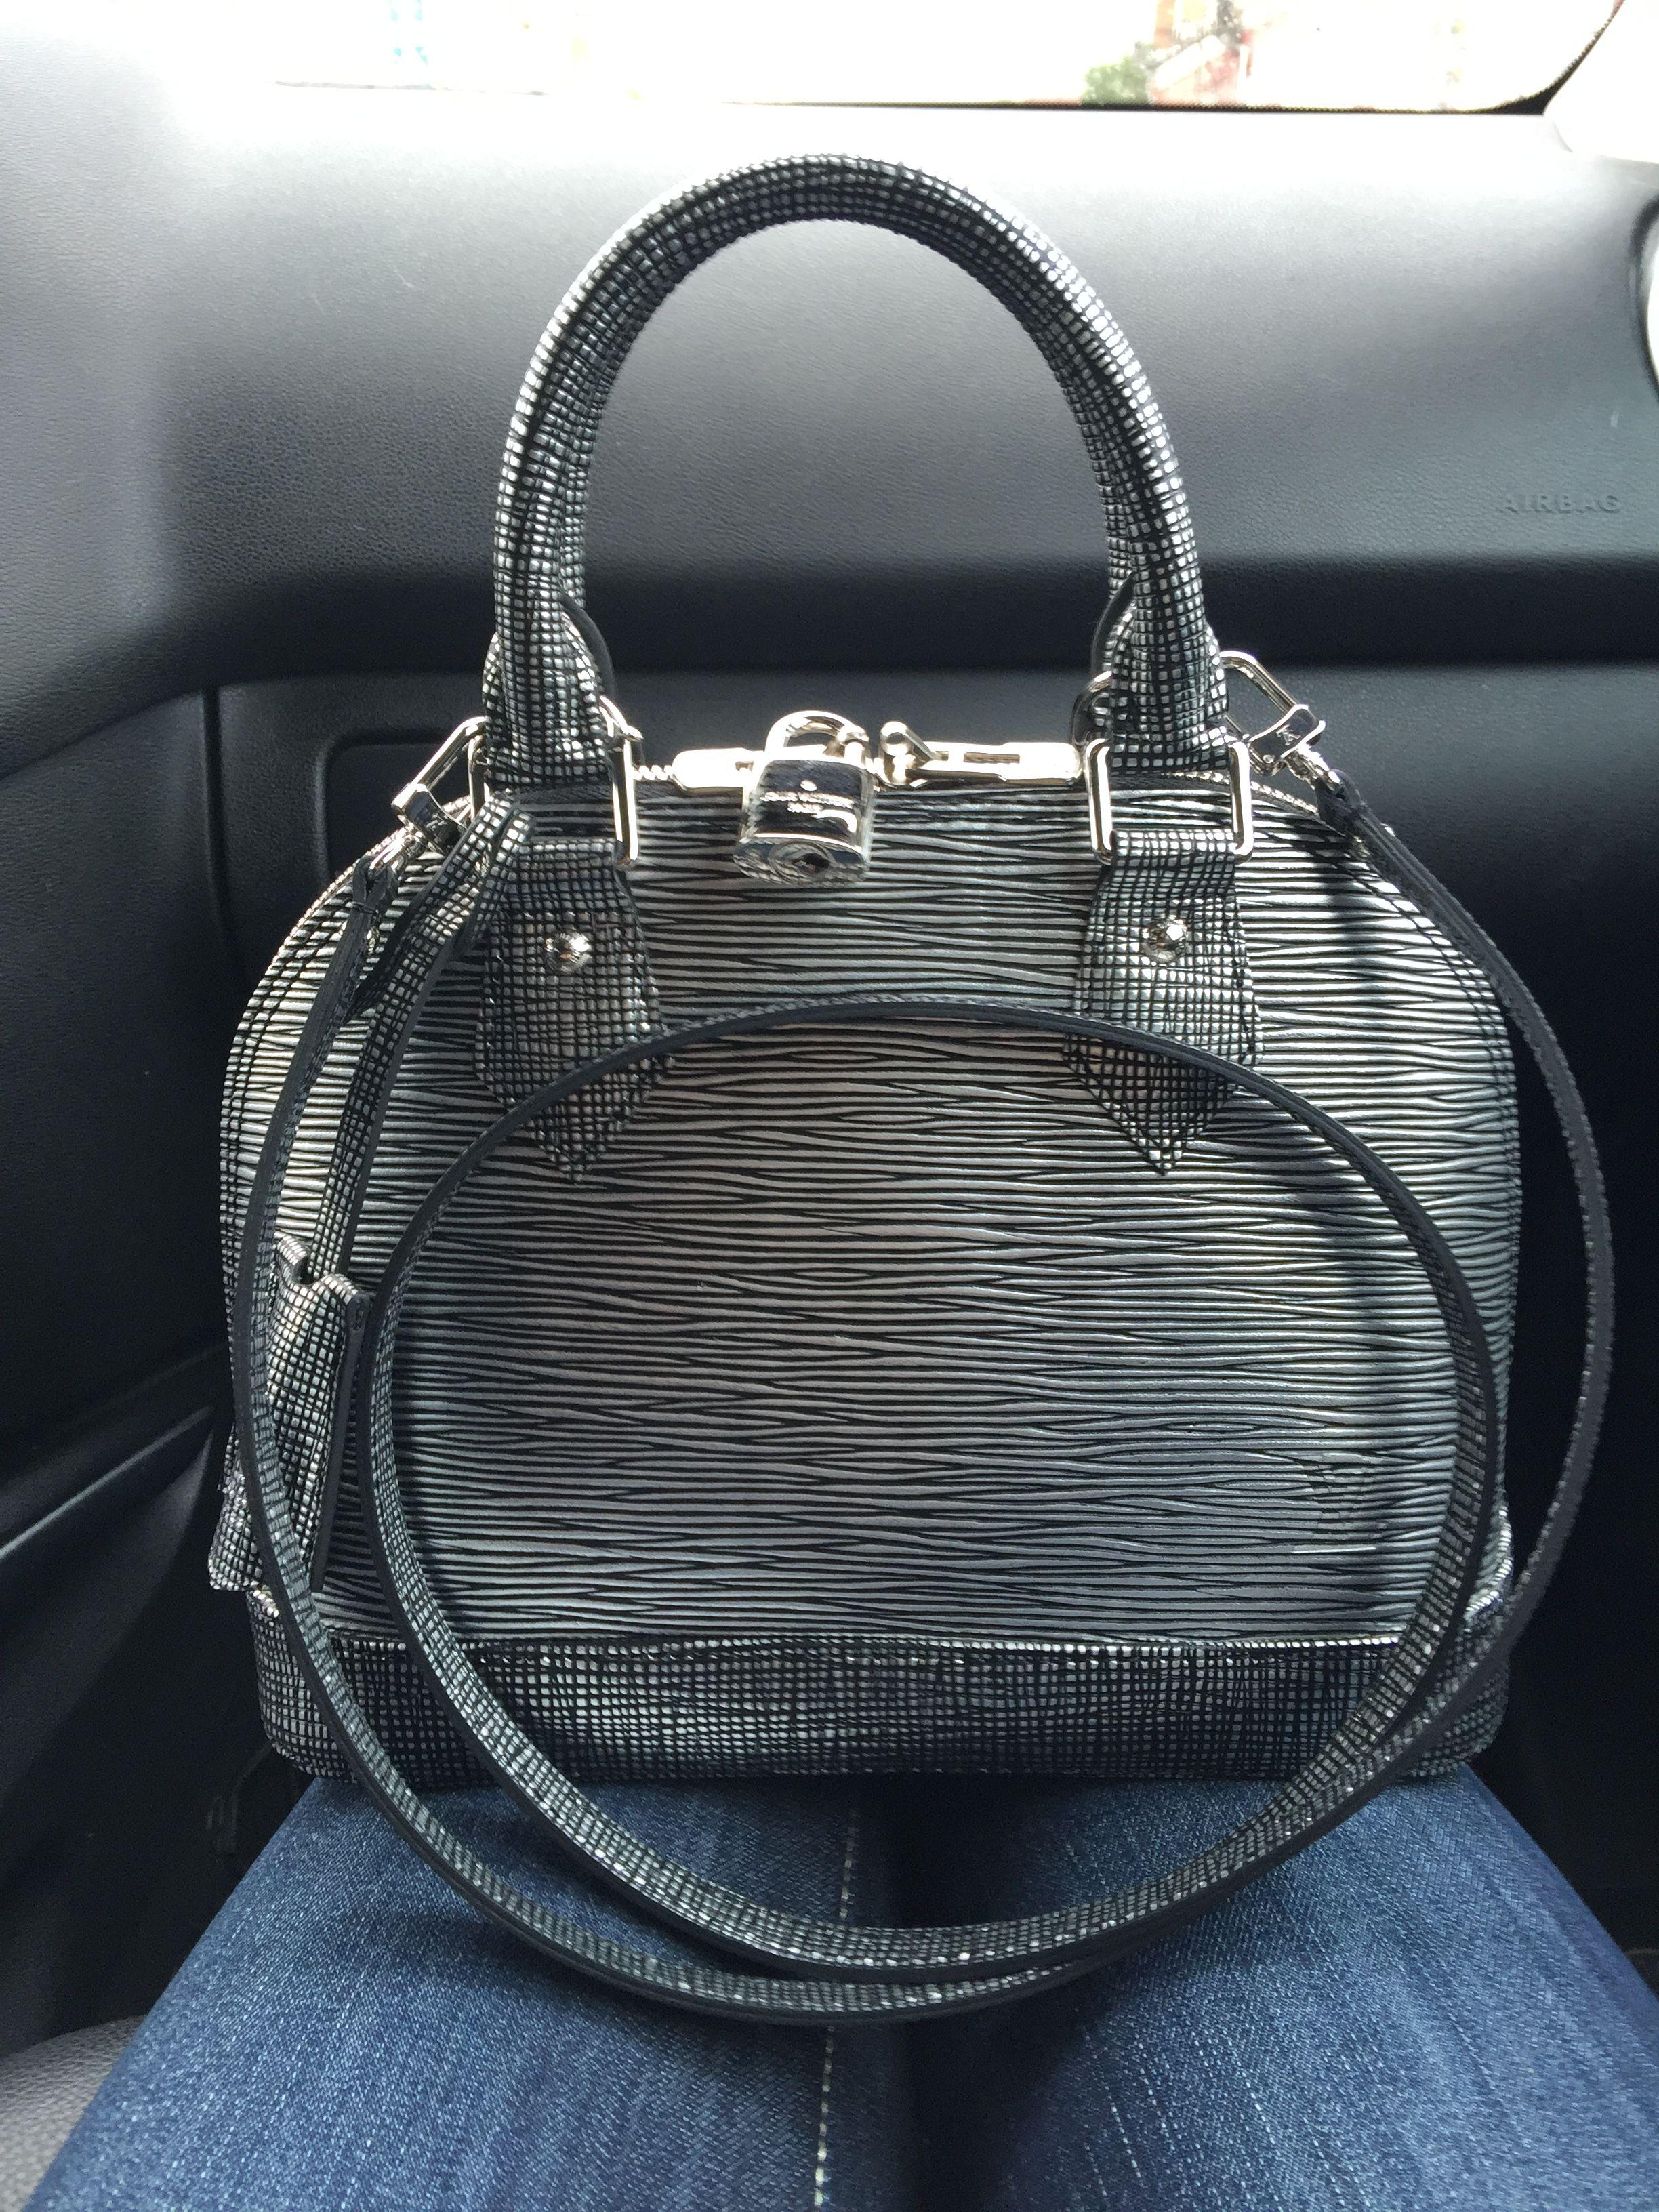 22f12e3fa39 Louis Vuitton Alma BB black silver 2016 limited edition | Bags ...